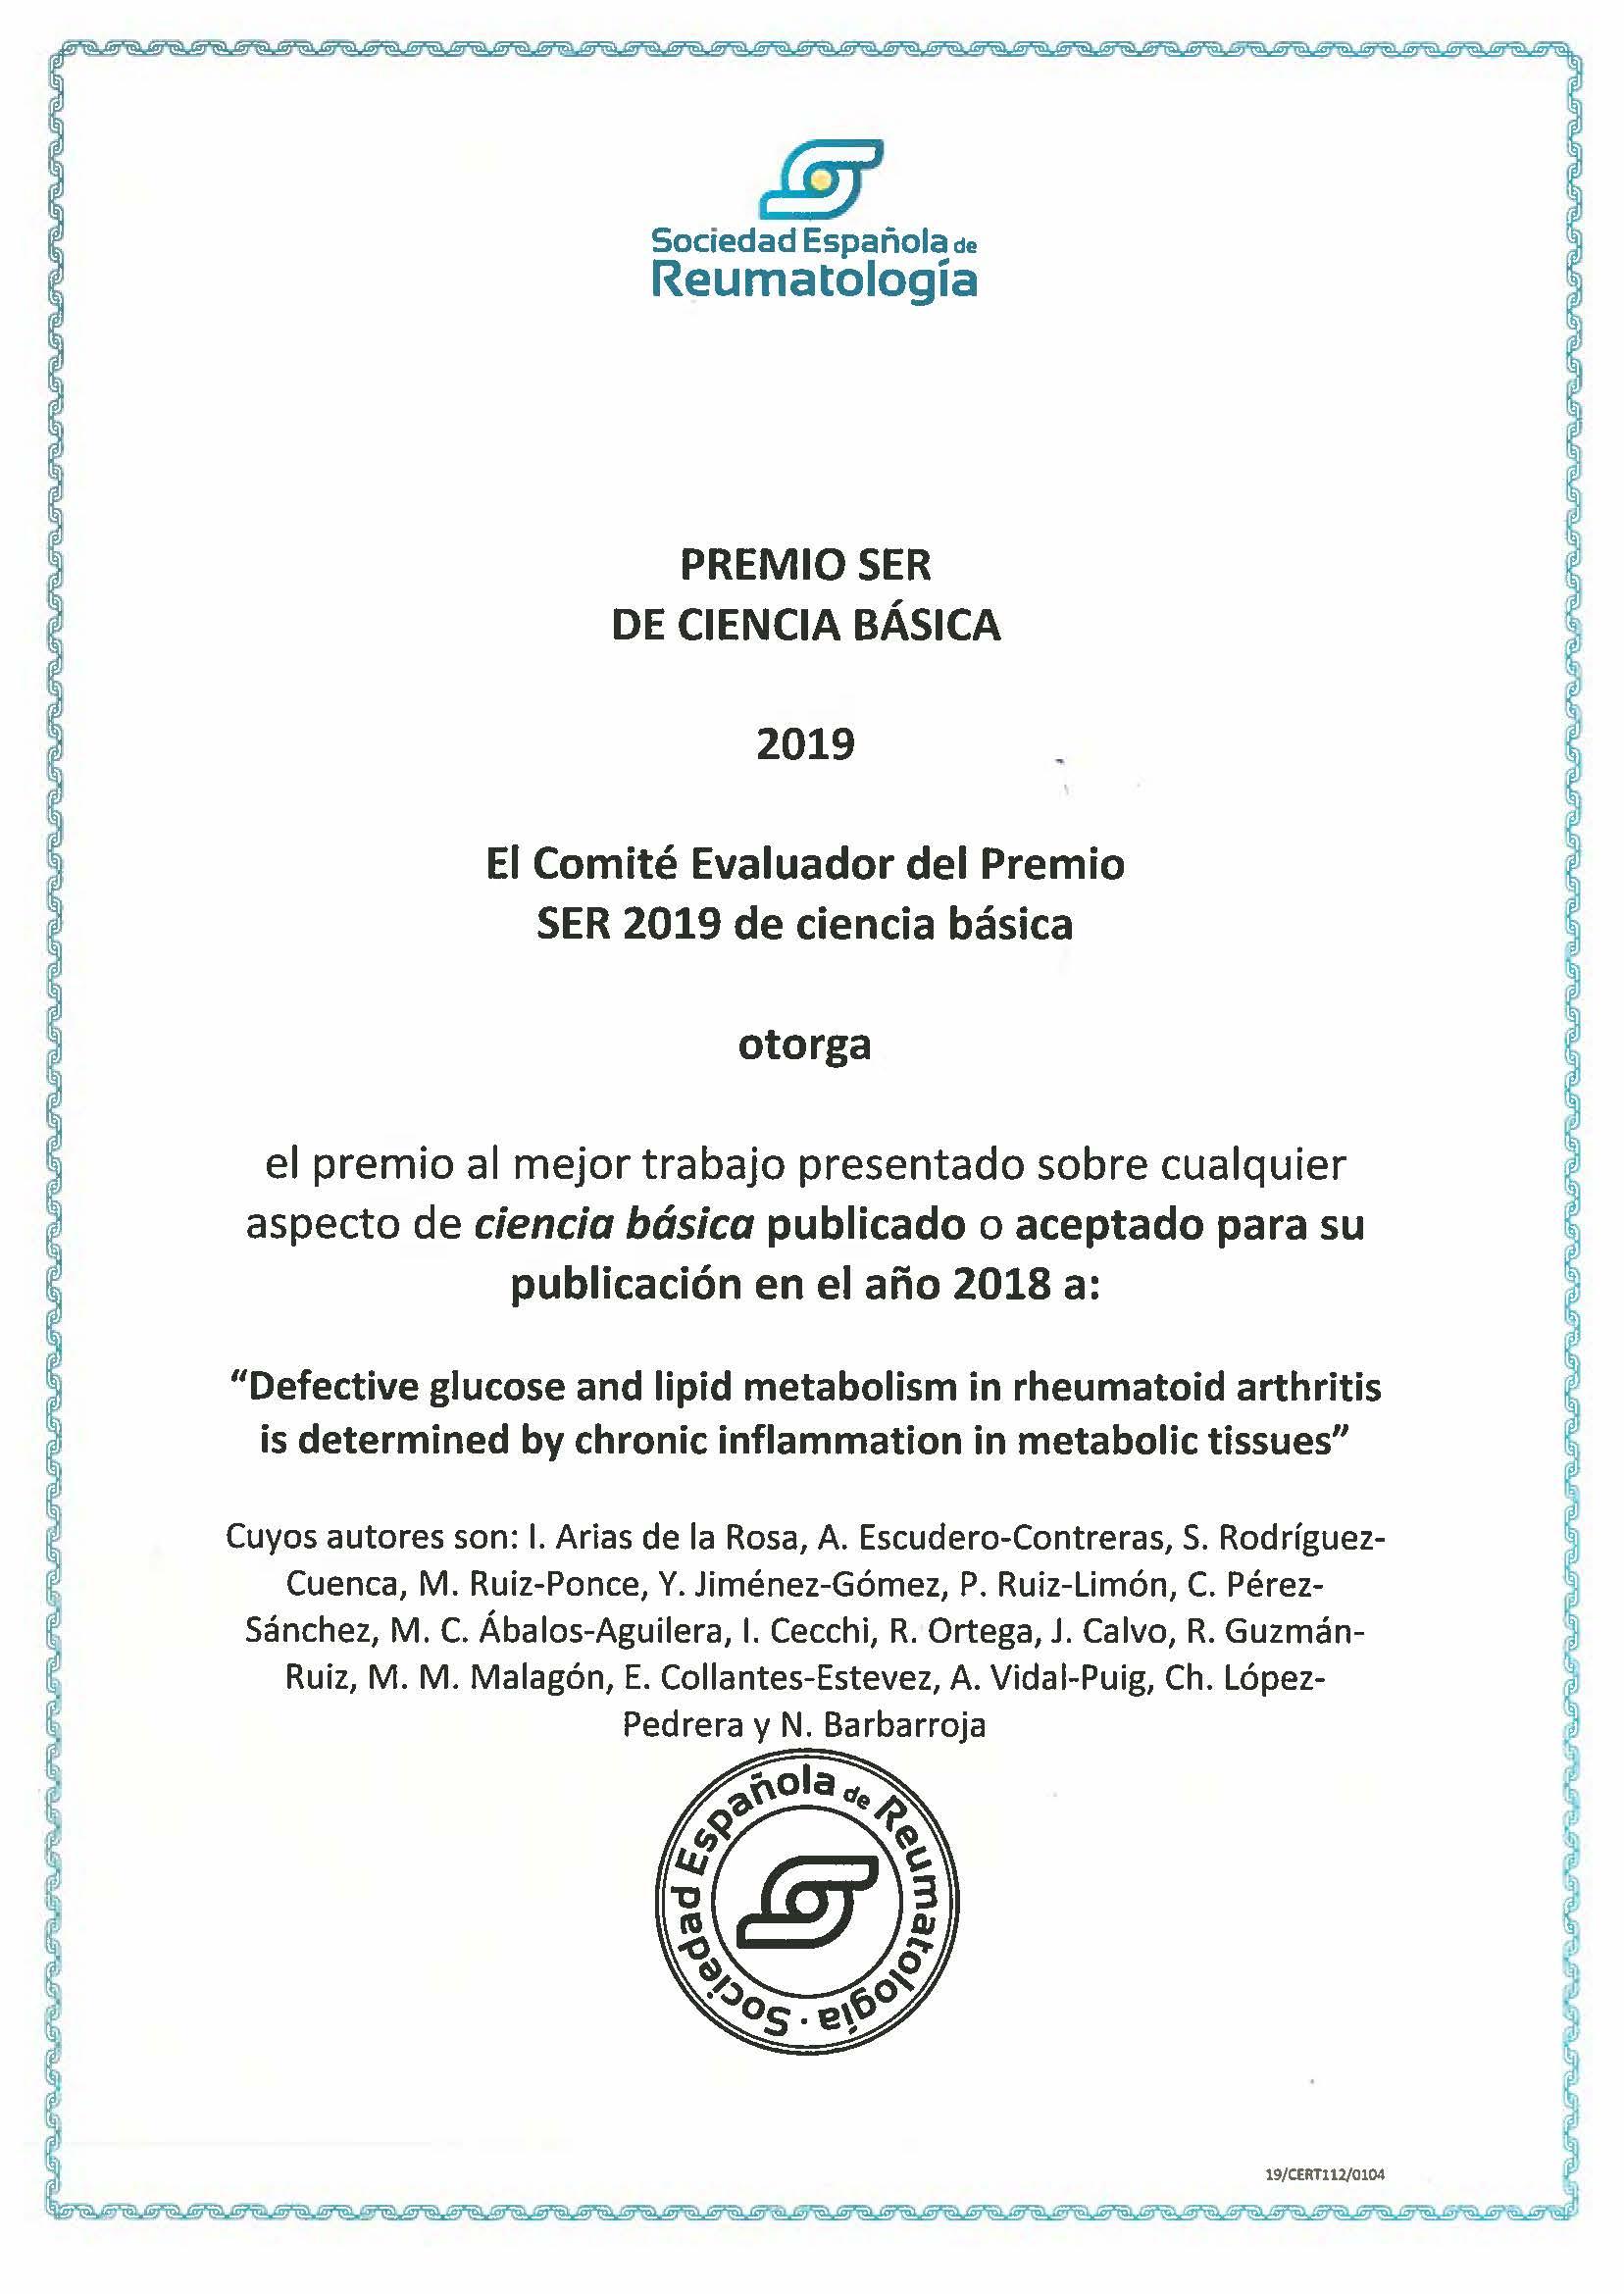 2019. SER. Ciencia Básica